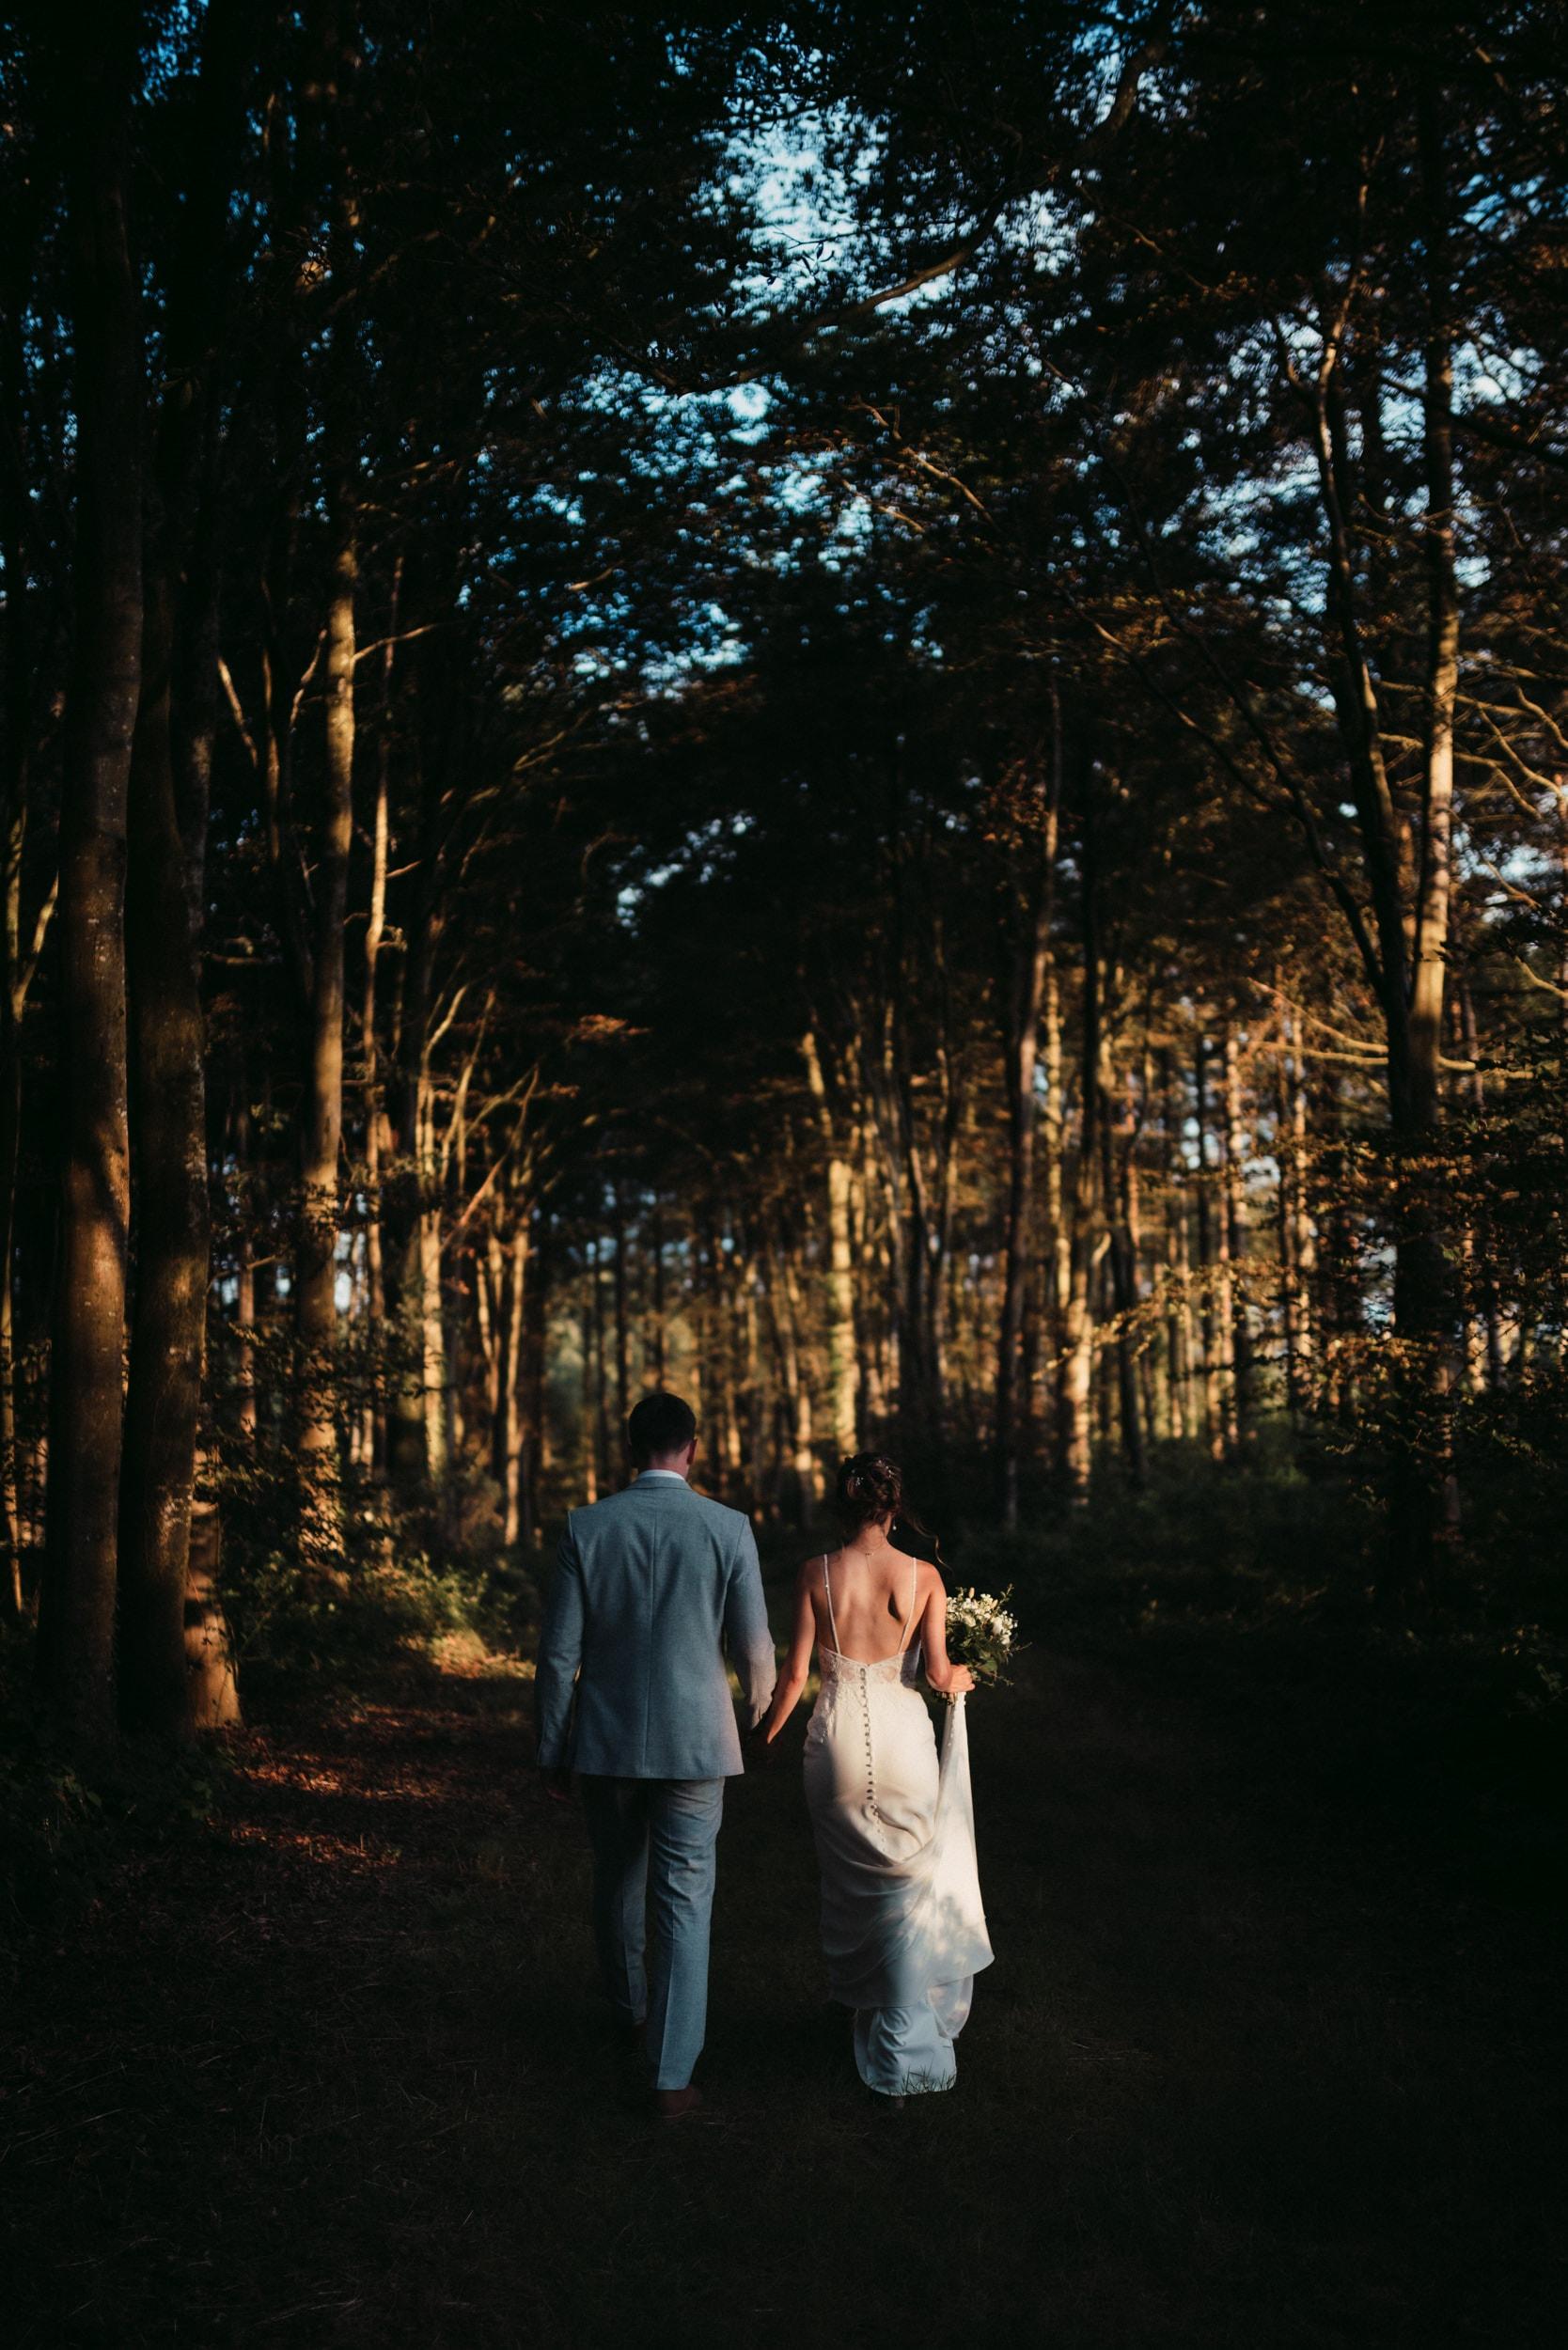 married couple walking down a treeline in evening sun